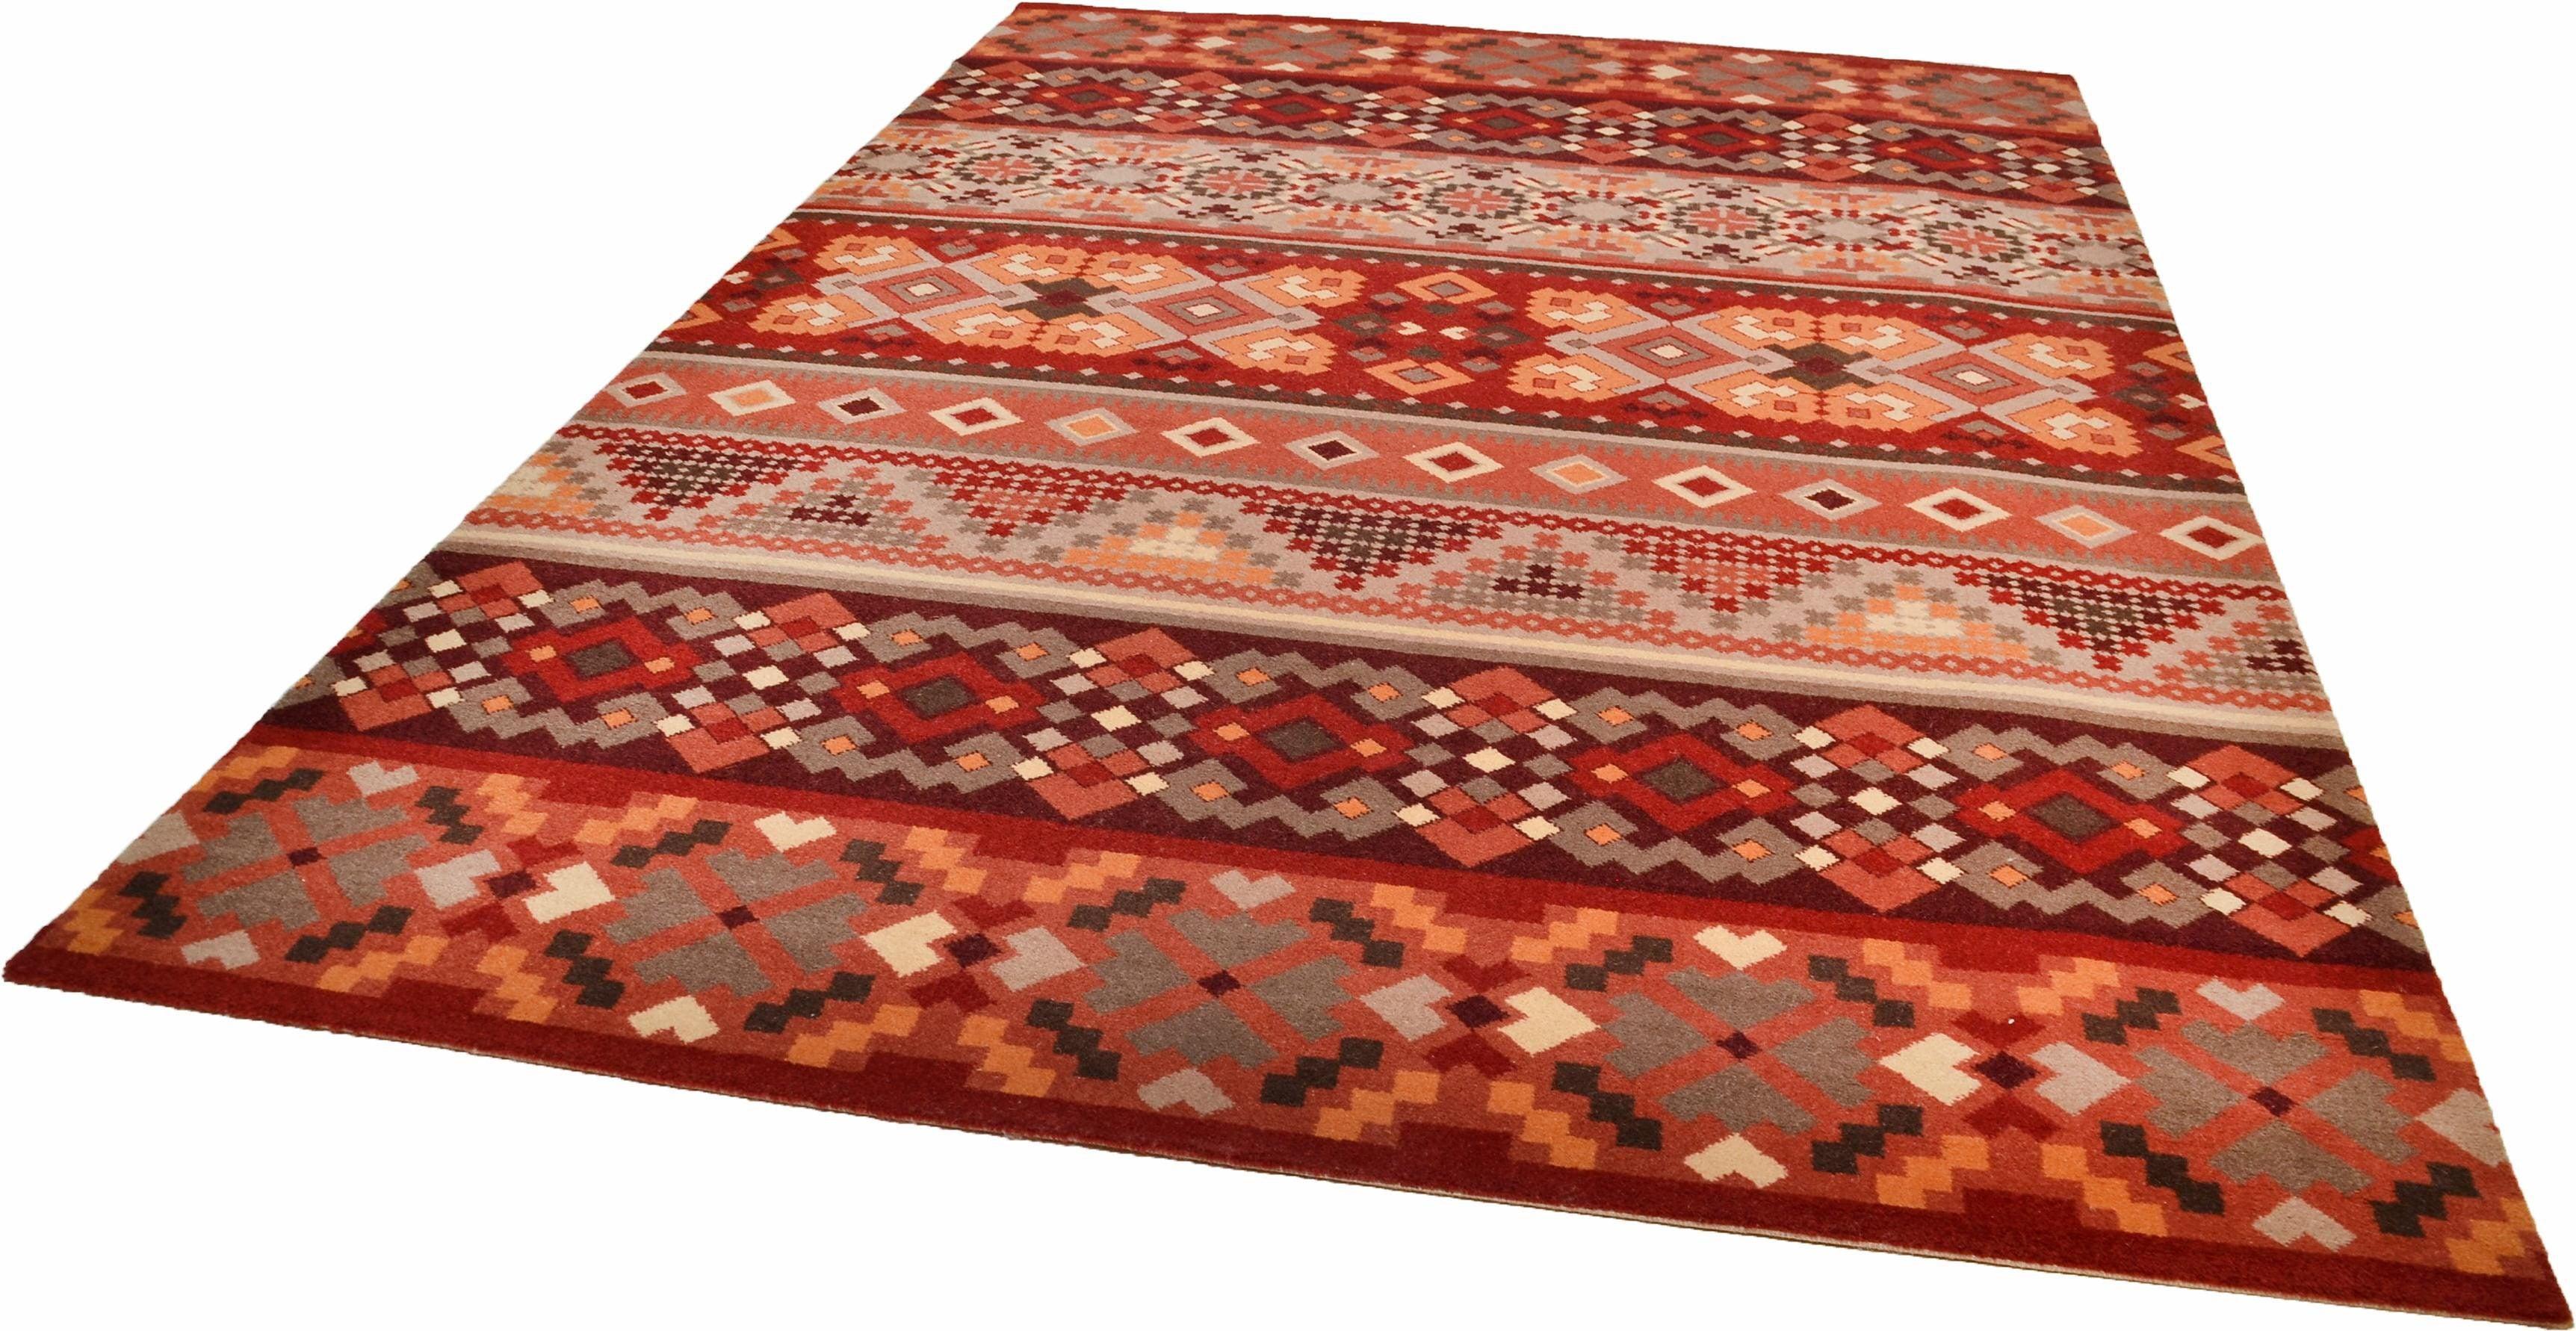 Teppich Timeless 2 THEKO rechteckig Höhe 12 mm maschinell gewebt